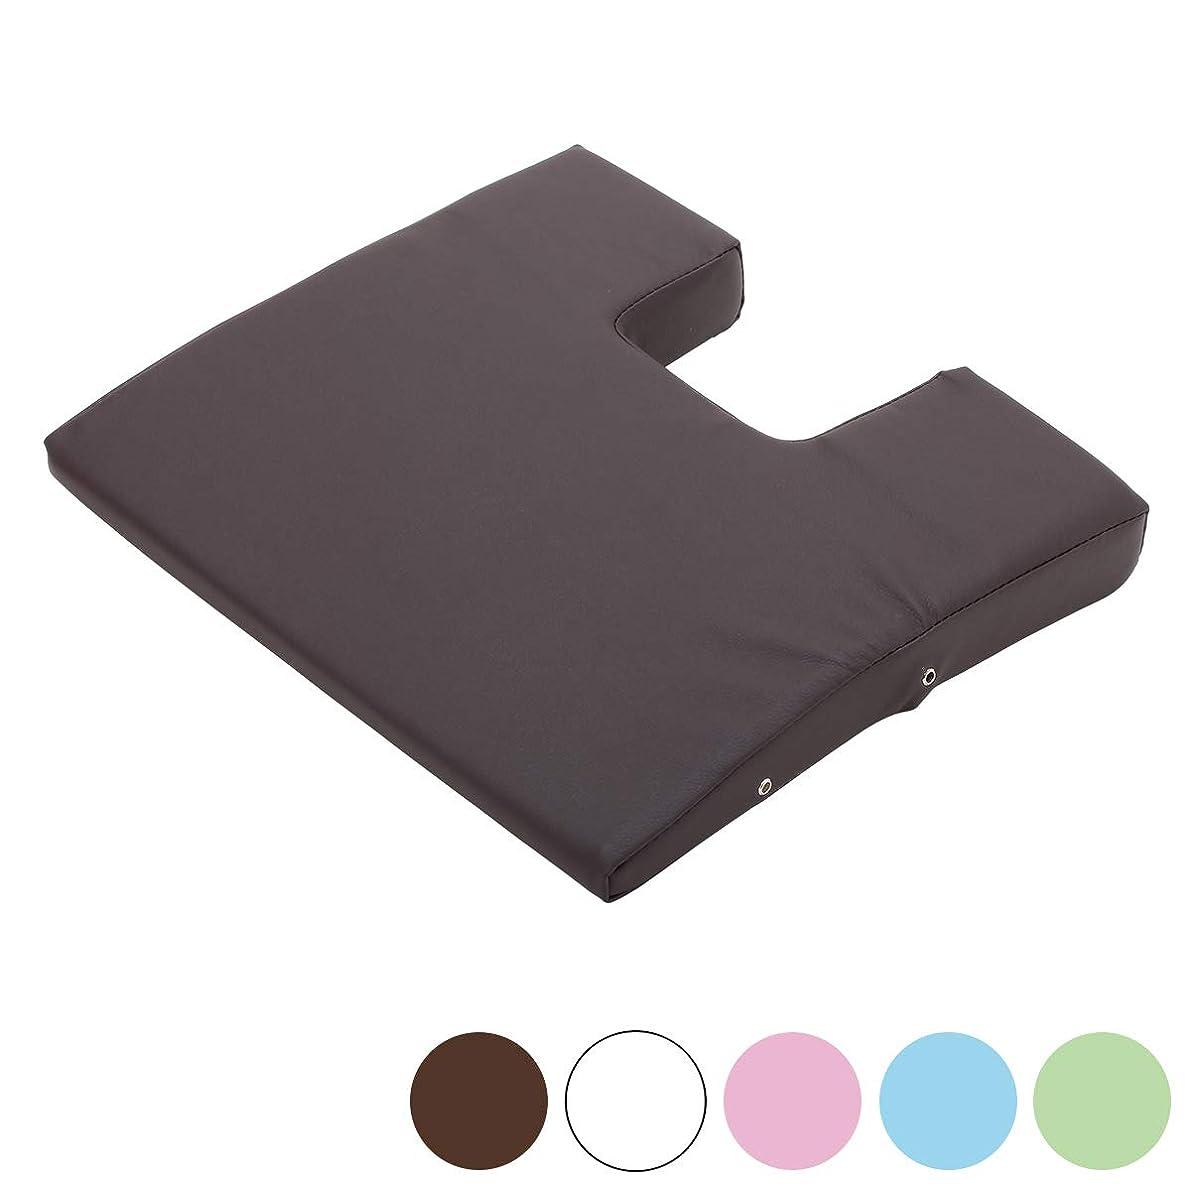 後者シンポジウム真鍮胸当てマクラ (薄型) バストマット 高さ2-5cm ブラウン [ マッサージ枕 うつぶせ枕 整体枕 エステマクラ 寝枕 クッション うつぶせ うつ伏せ マクラ 枕 マッサージ 整体 ]